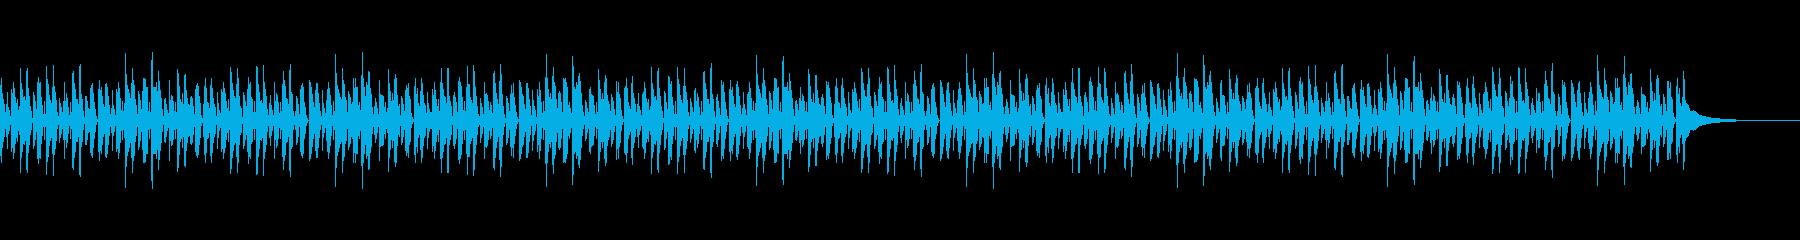 日常系BGMcの再生済みの波形